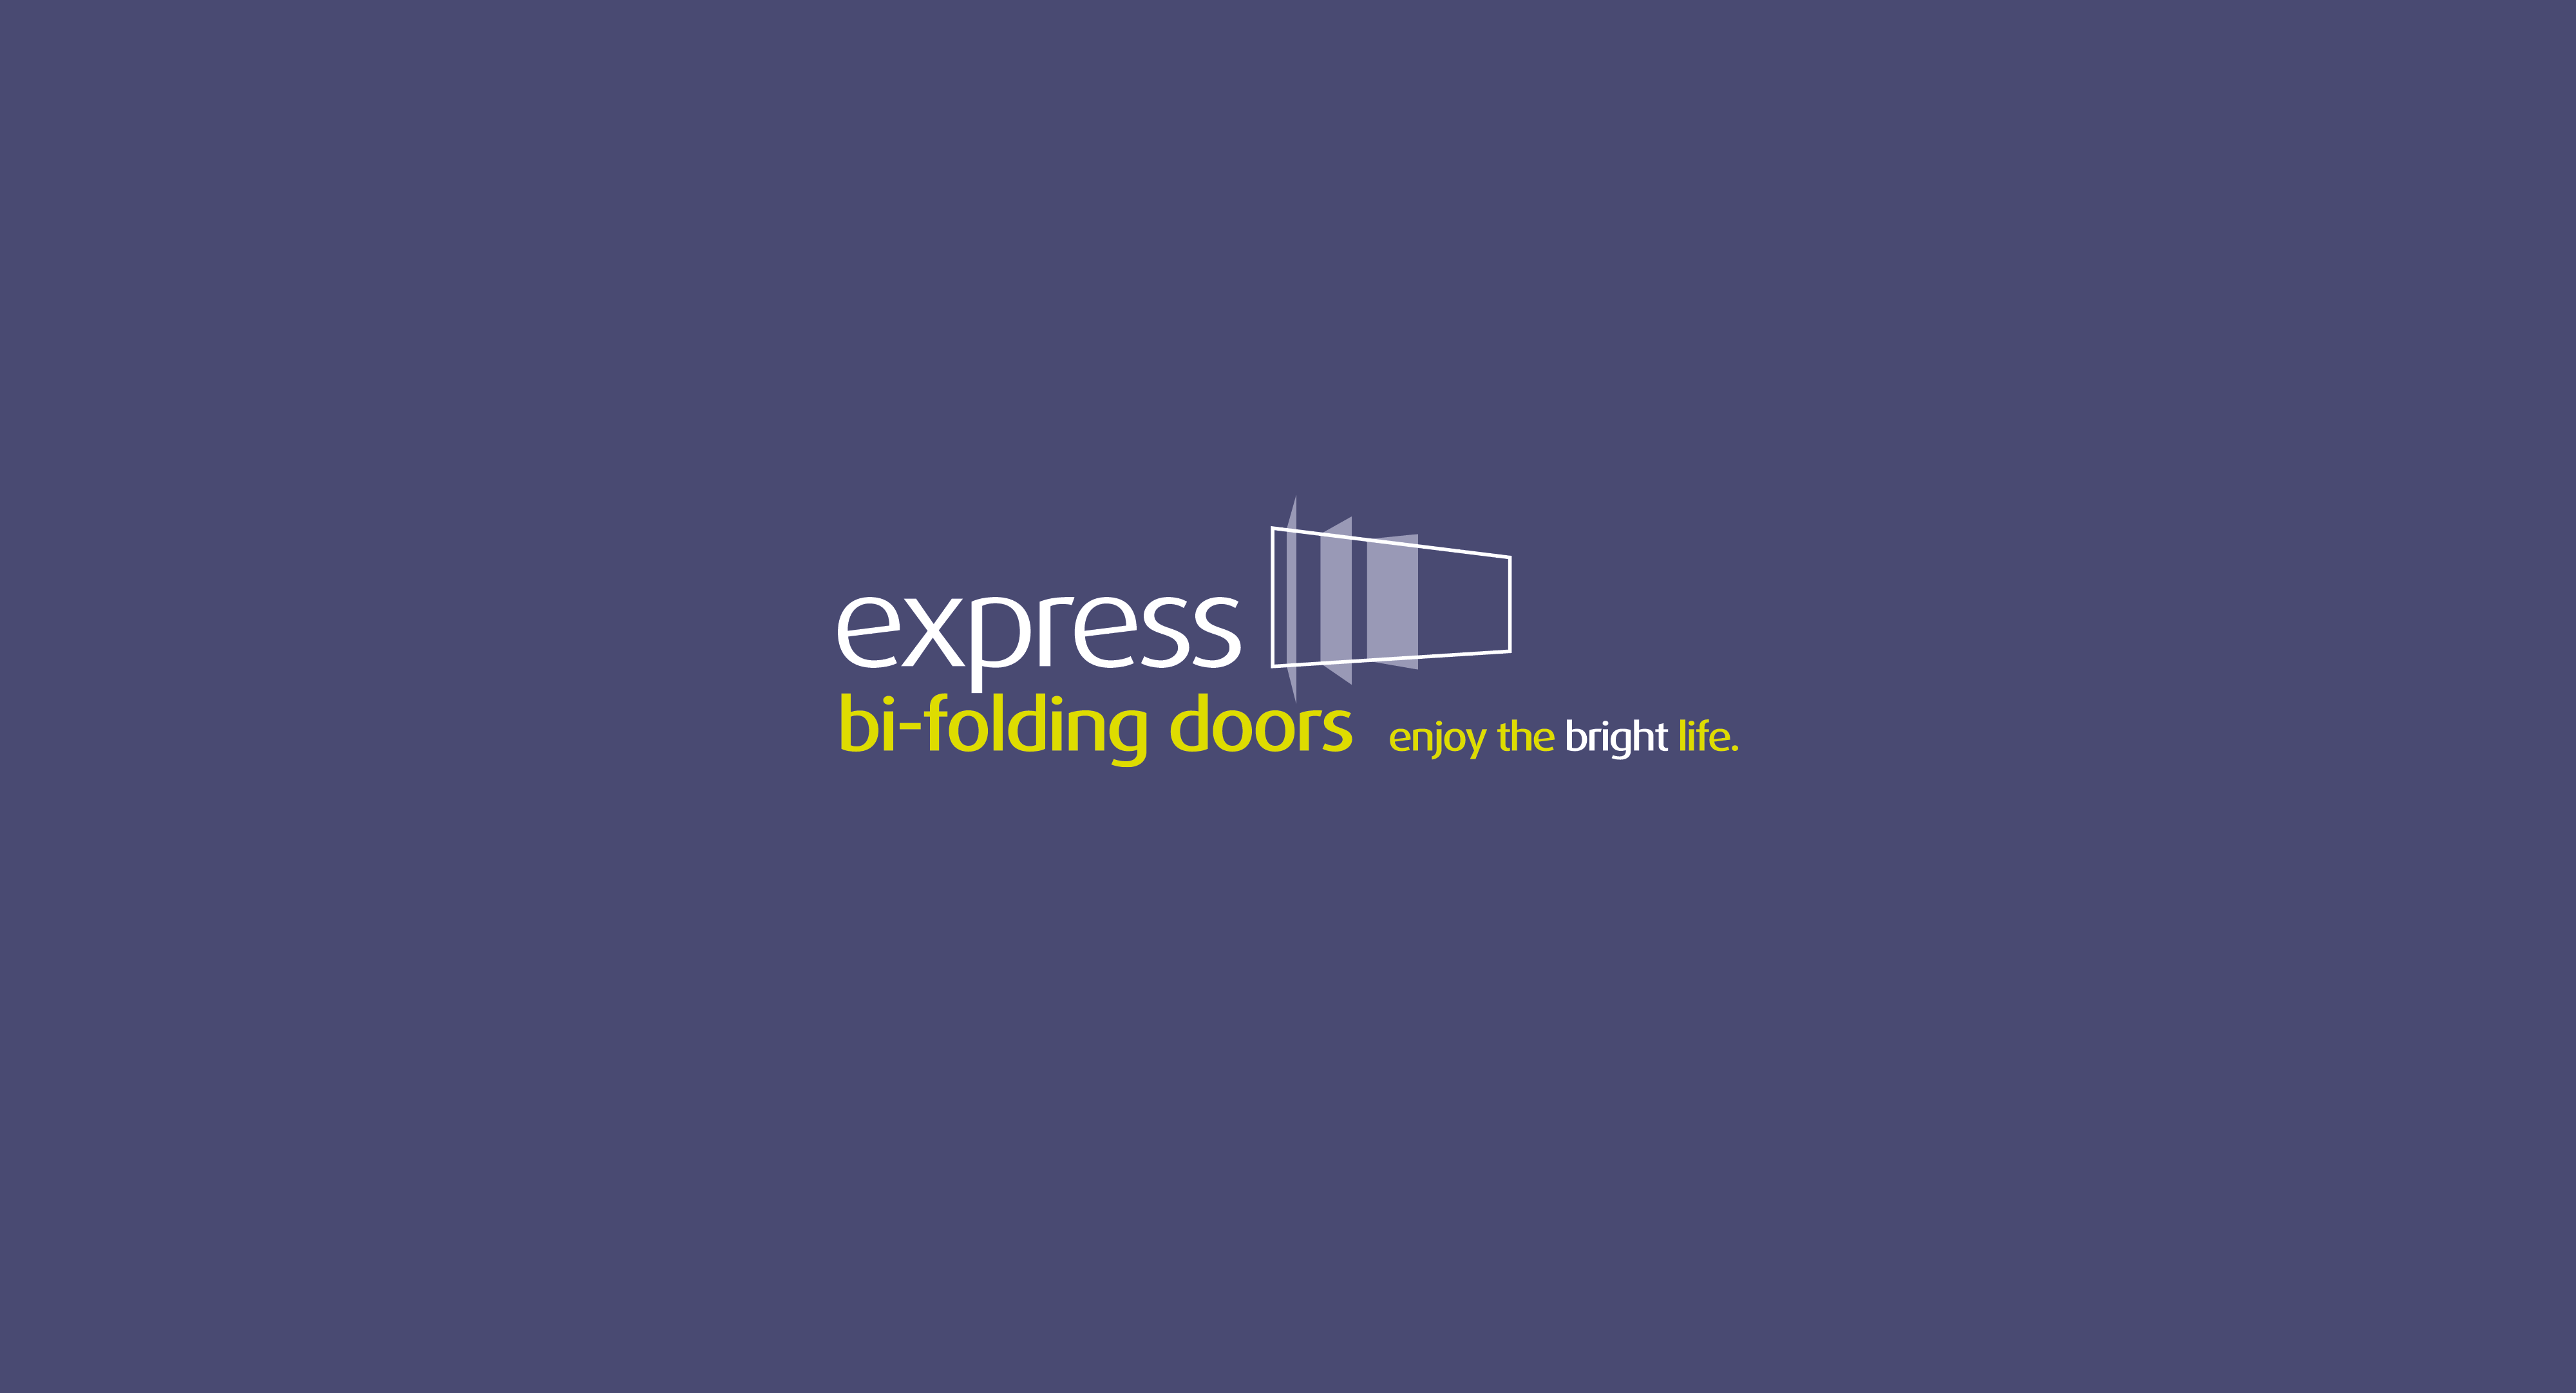 express bifolds branding